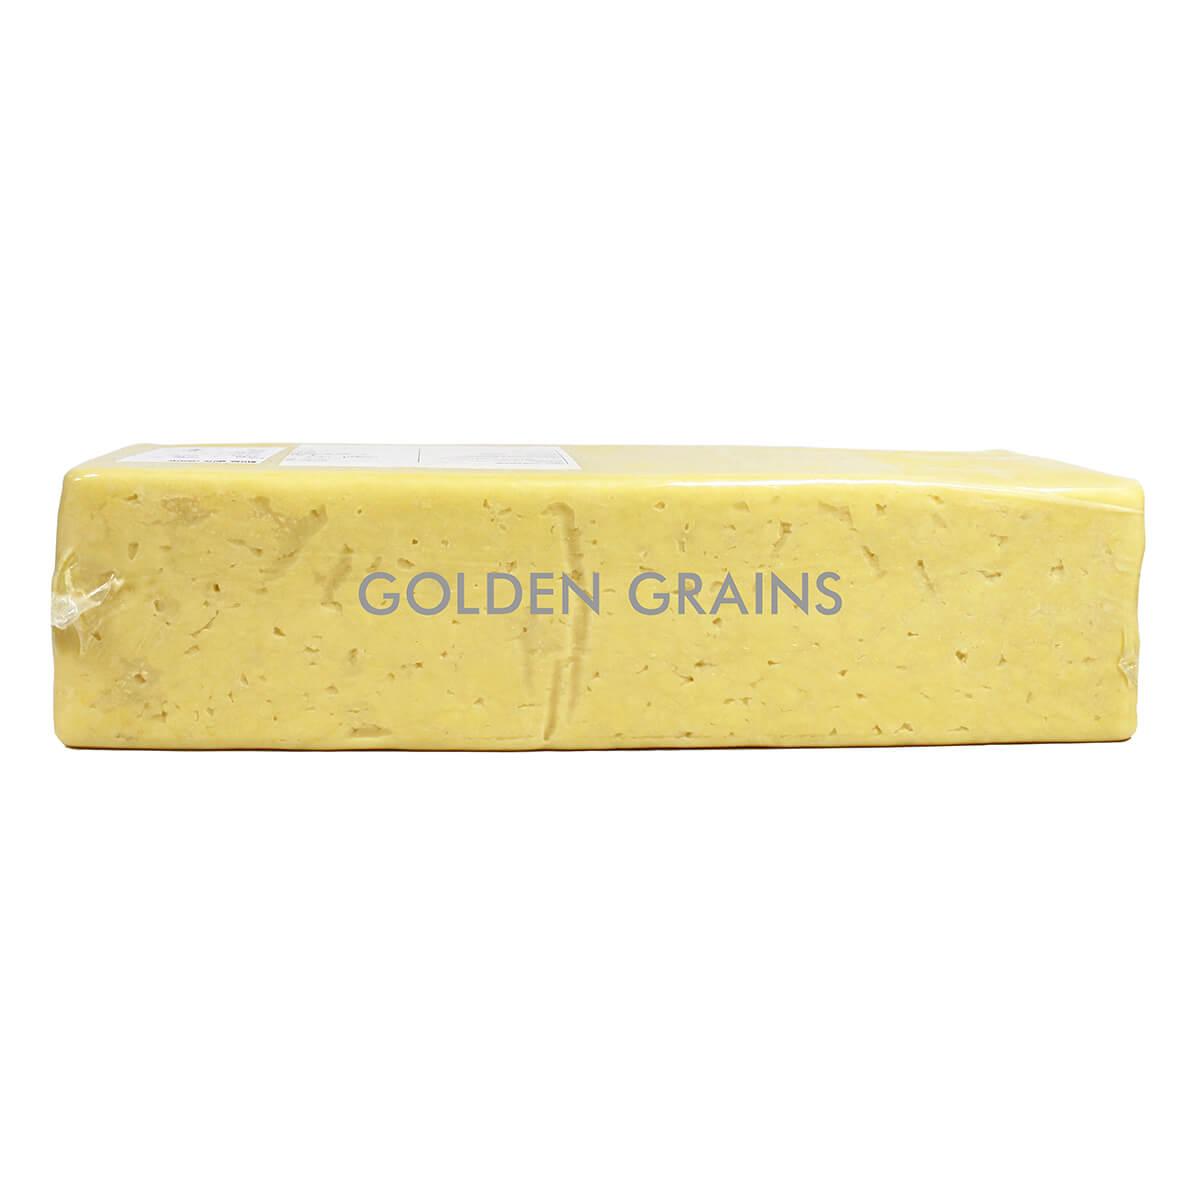 Golden Grains Dubai Export - Coombe Castle - Mature Cheddar Big - Side.jpg